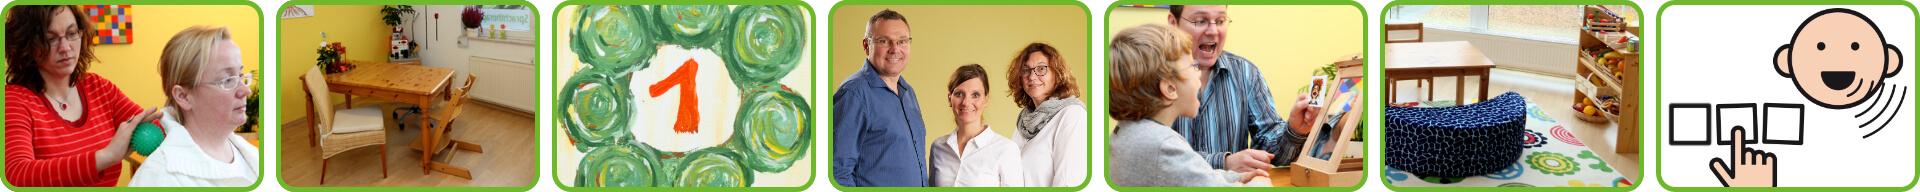 Bilder von der Praxis Sprechzeit für Logopädie und Sprachtherapie Bochum